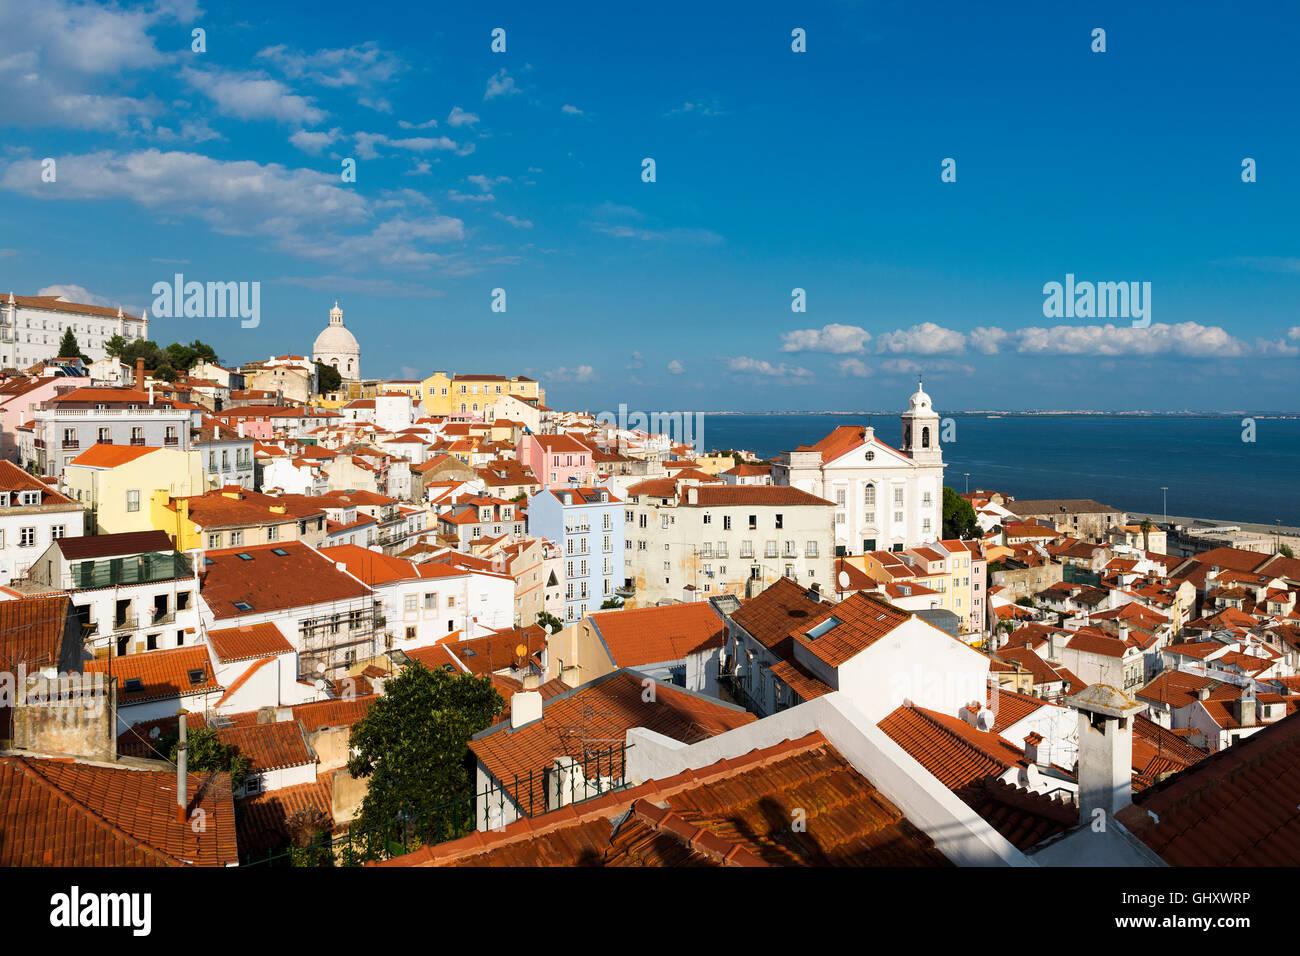 Vista del quartiere di Alfama a Lisbona, Portogallo dal Portas do Sol punto di vista; concetto per un viaggio a Lisbona, Portogallo Foto Stock